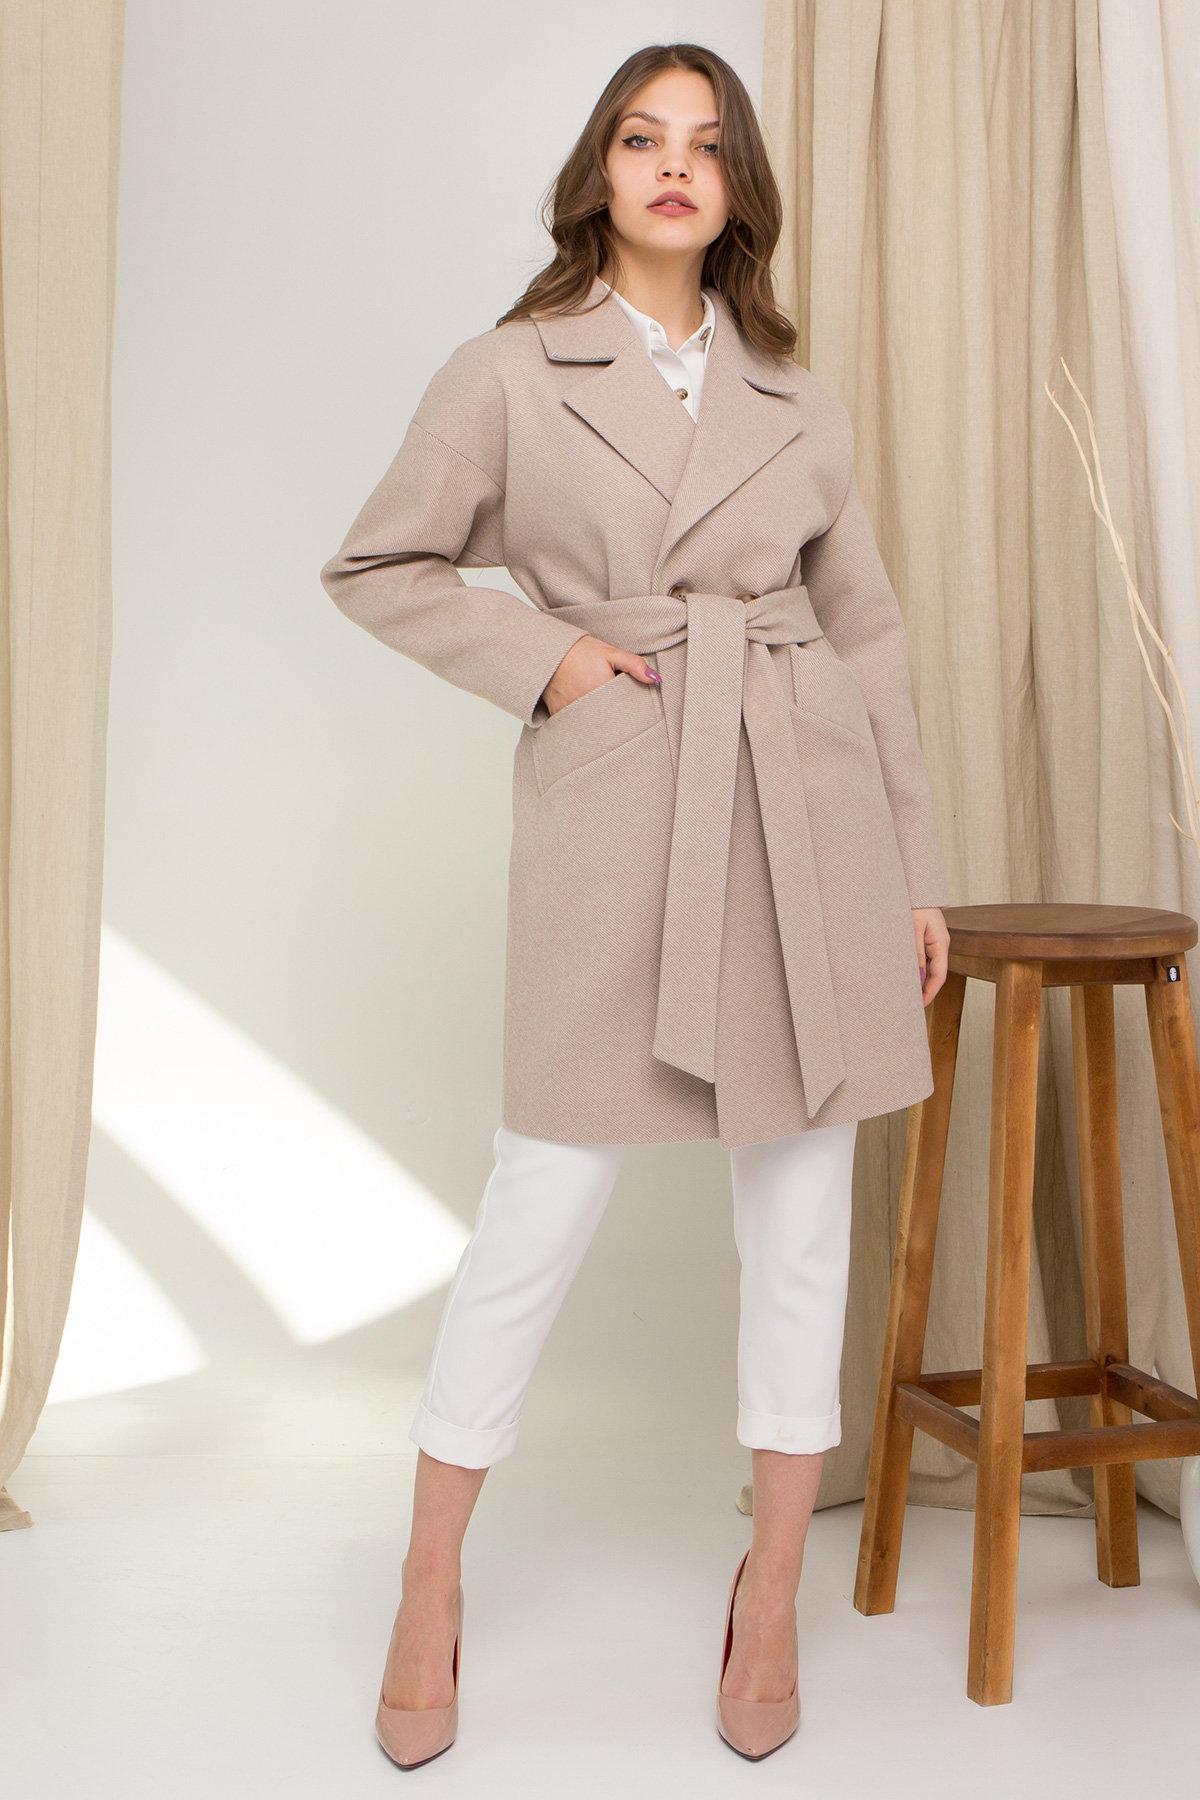 Купить пальто женское демисезонное от Modus Пальто Сенсей 8907